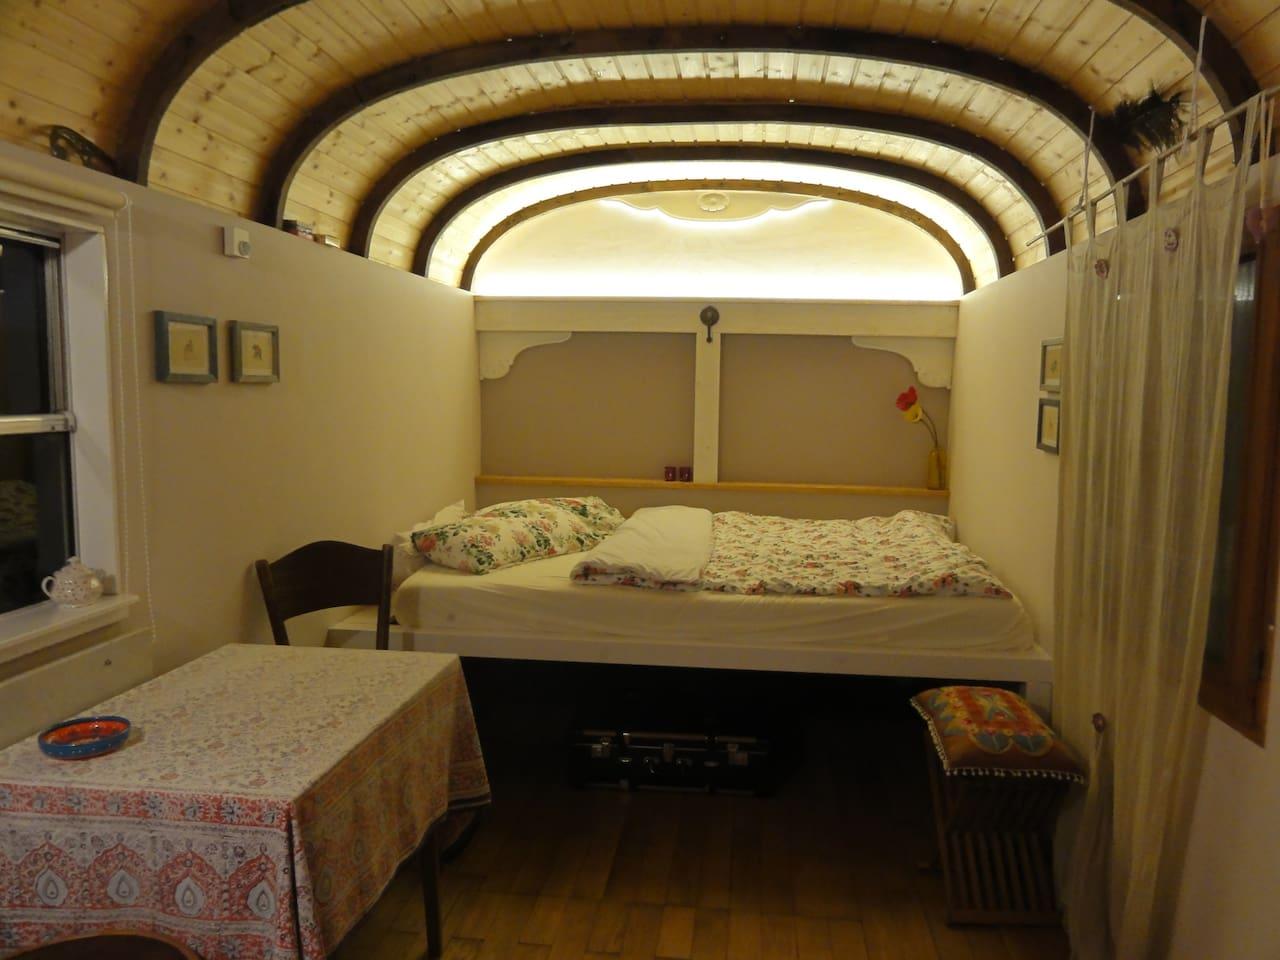 Schlafzimmer mit 140cm breiten Bett.